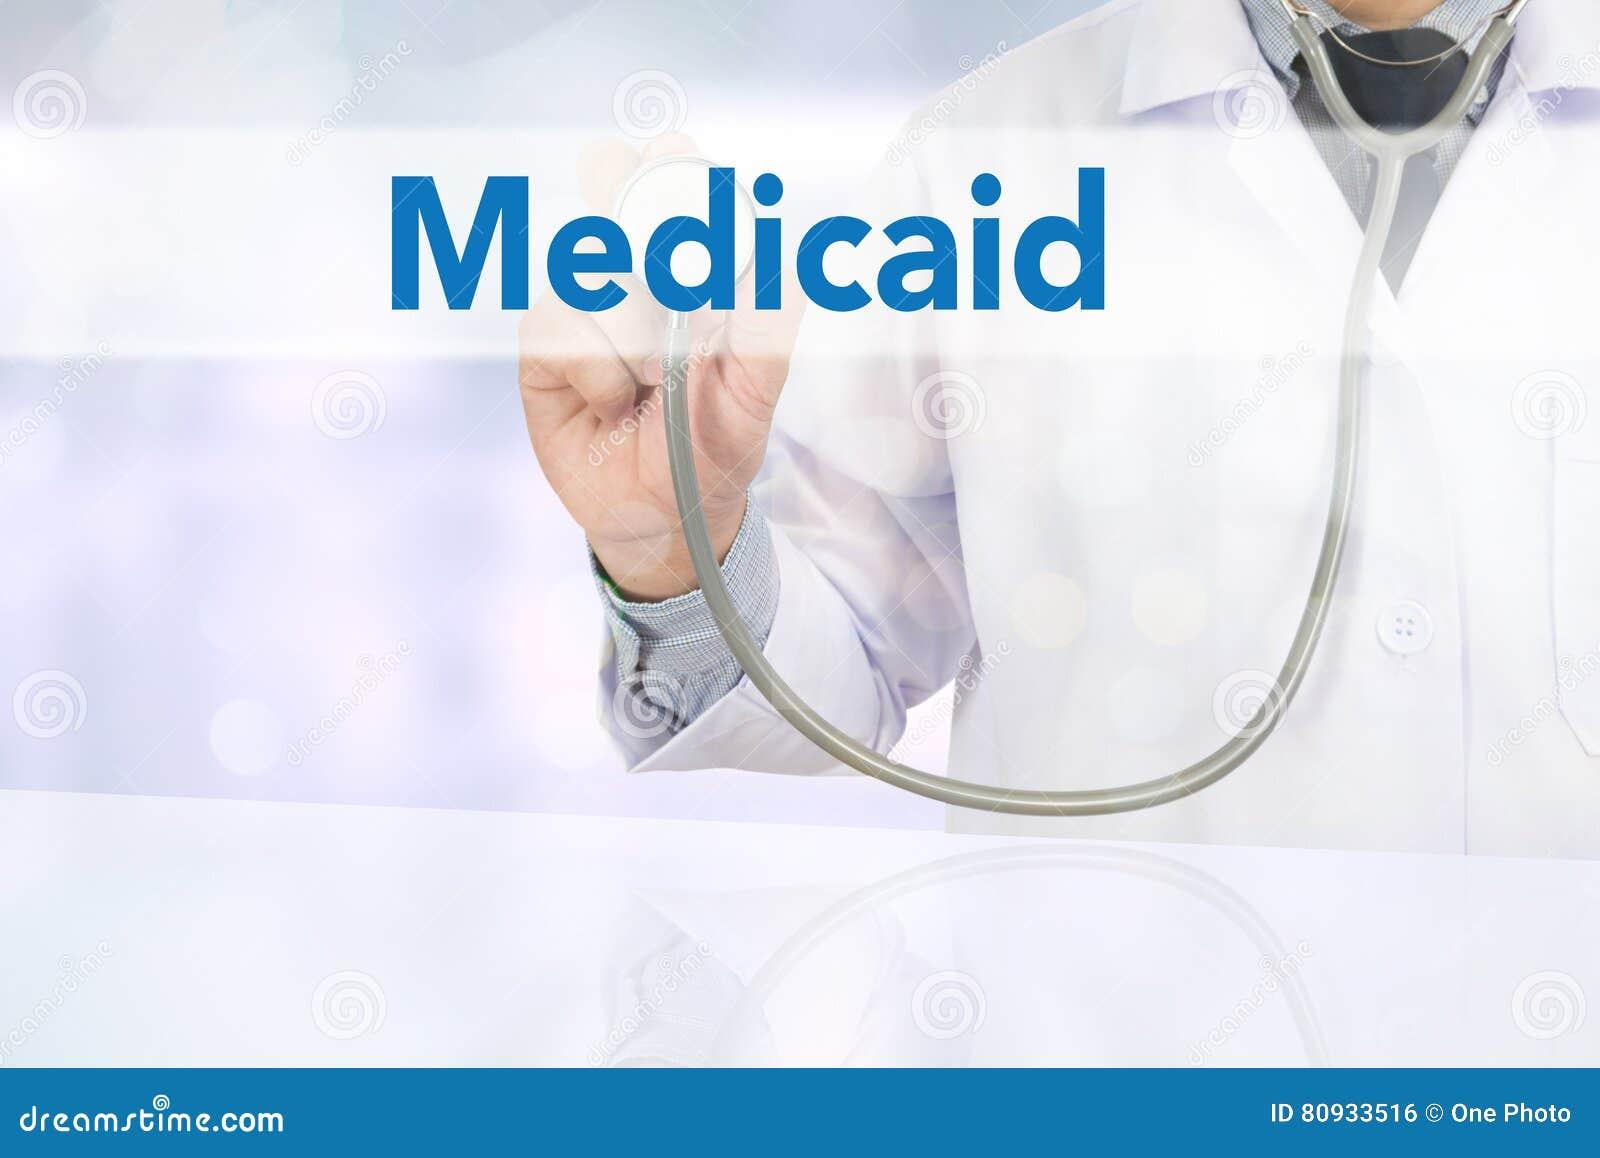 Ιατρική ασφάλεια και Medicaid και στηθοσκόπιο